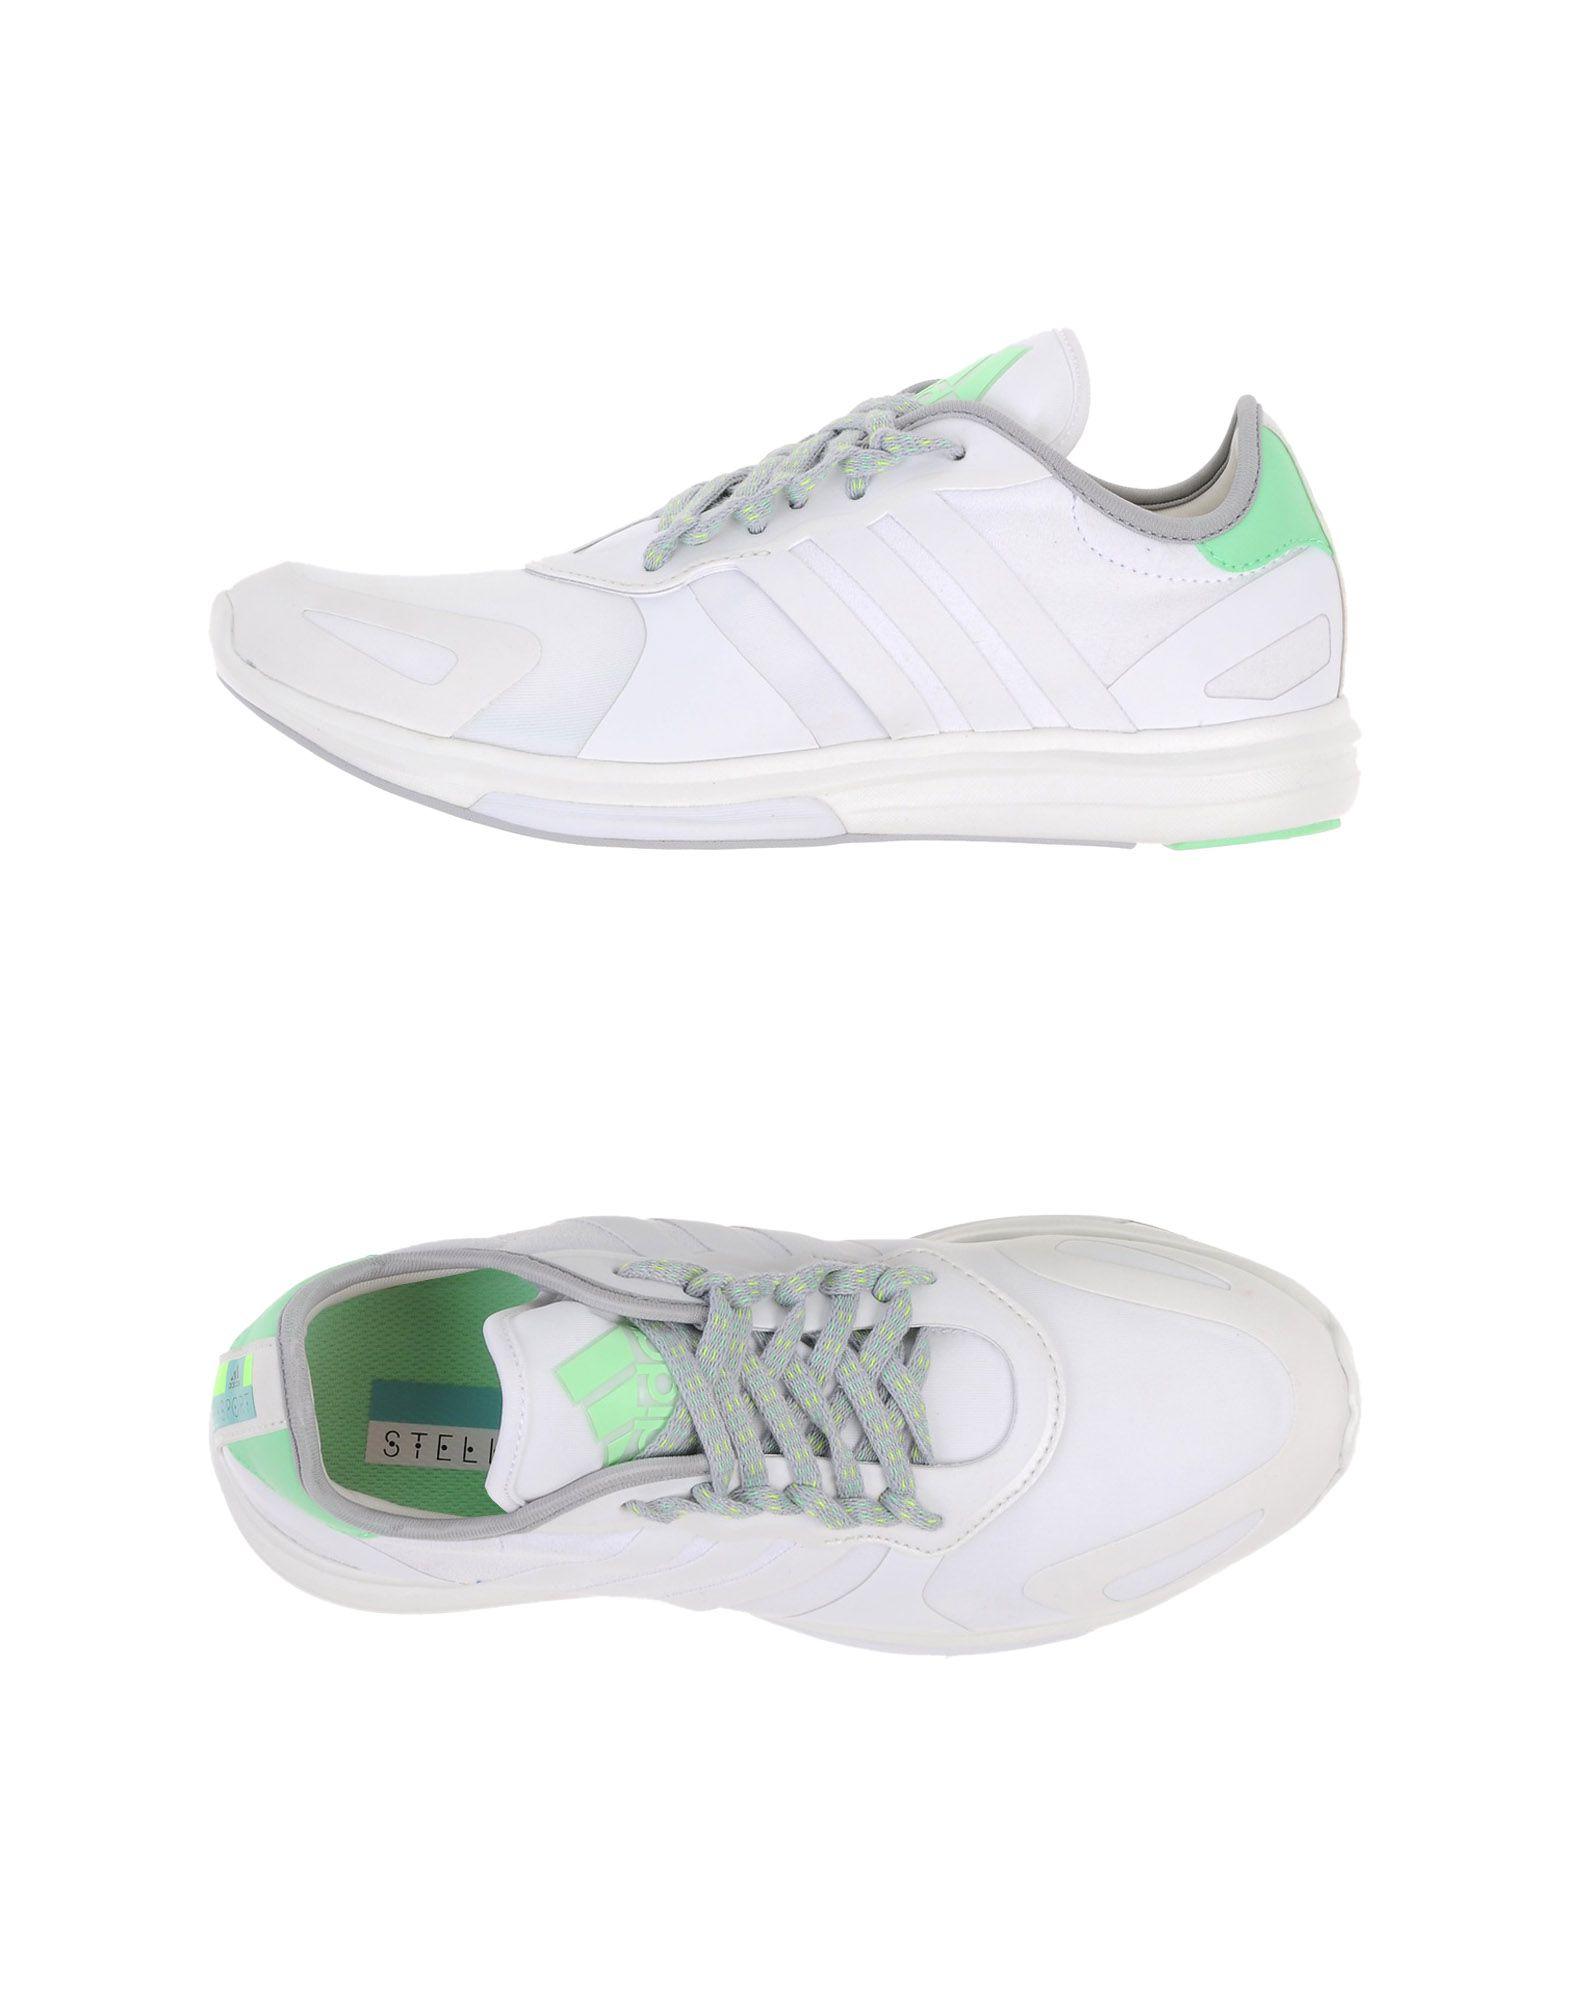 Adidas Stella Sport Yvori - Sneakers - Women Adidas Stella  Sport Sneakers online on  Stella United Kingdom - 44811540SQ 7f7b78